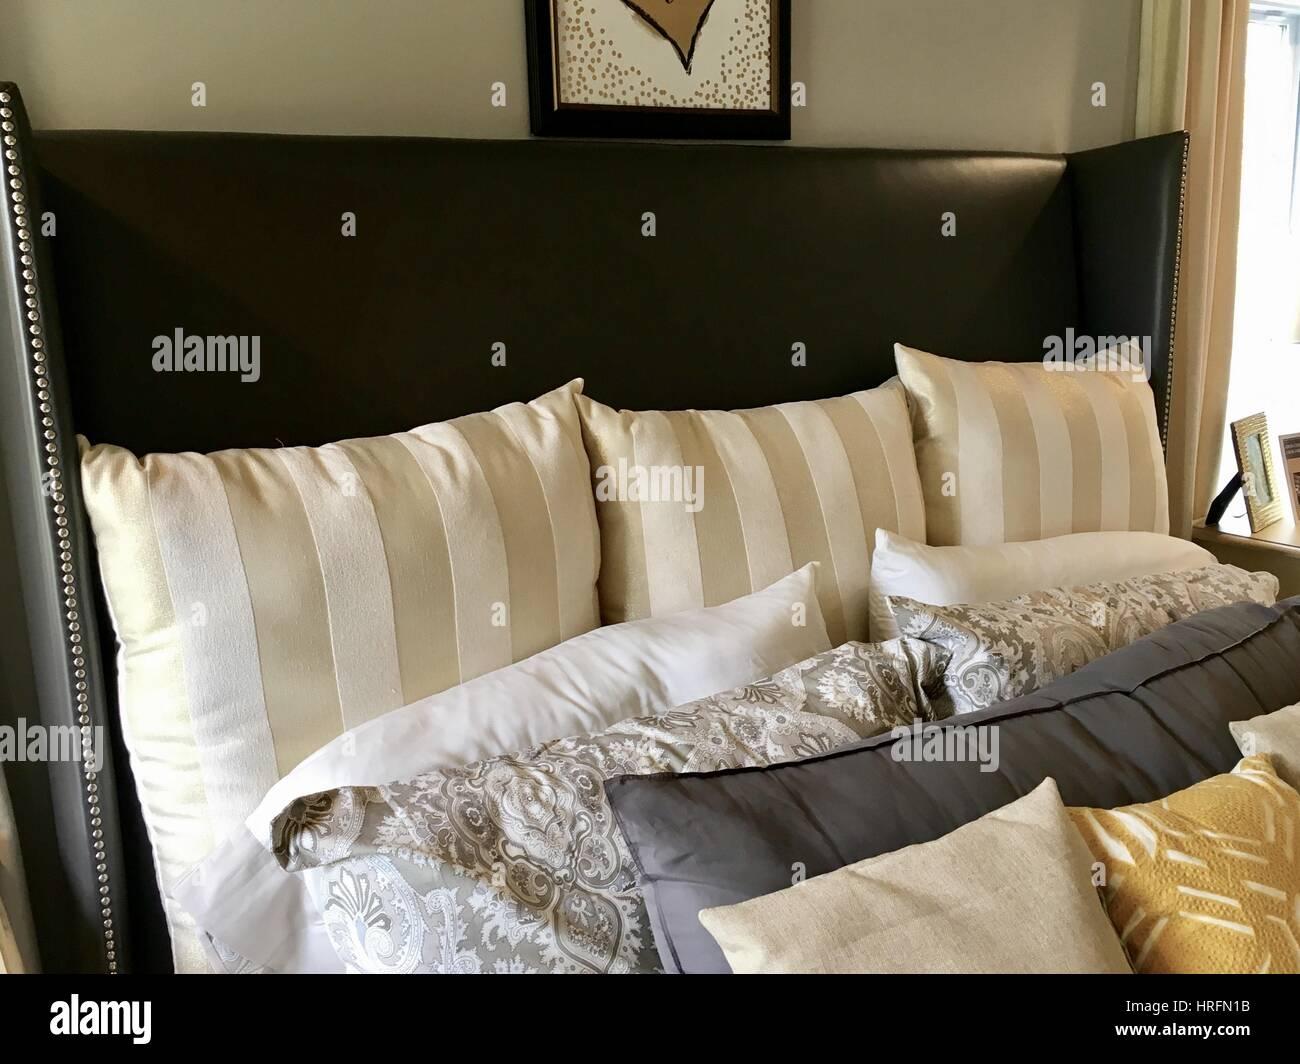 Throw Pillows Fotos e Imágenes de stock Alamy